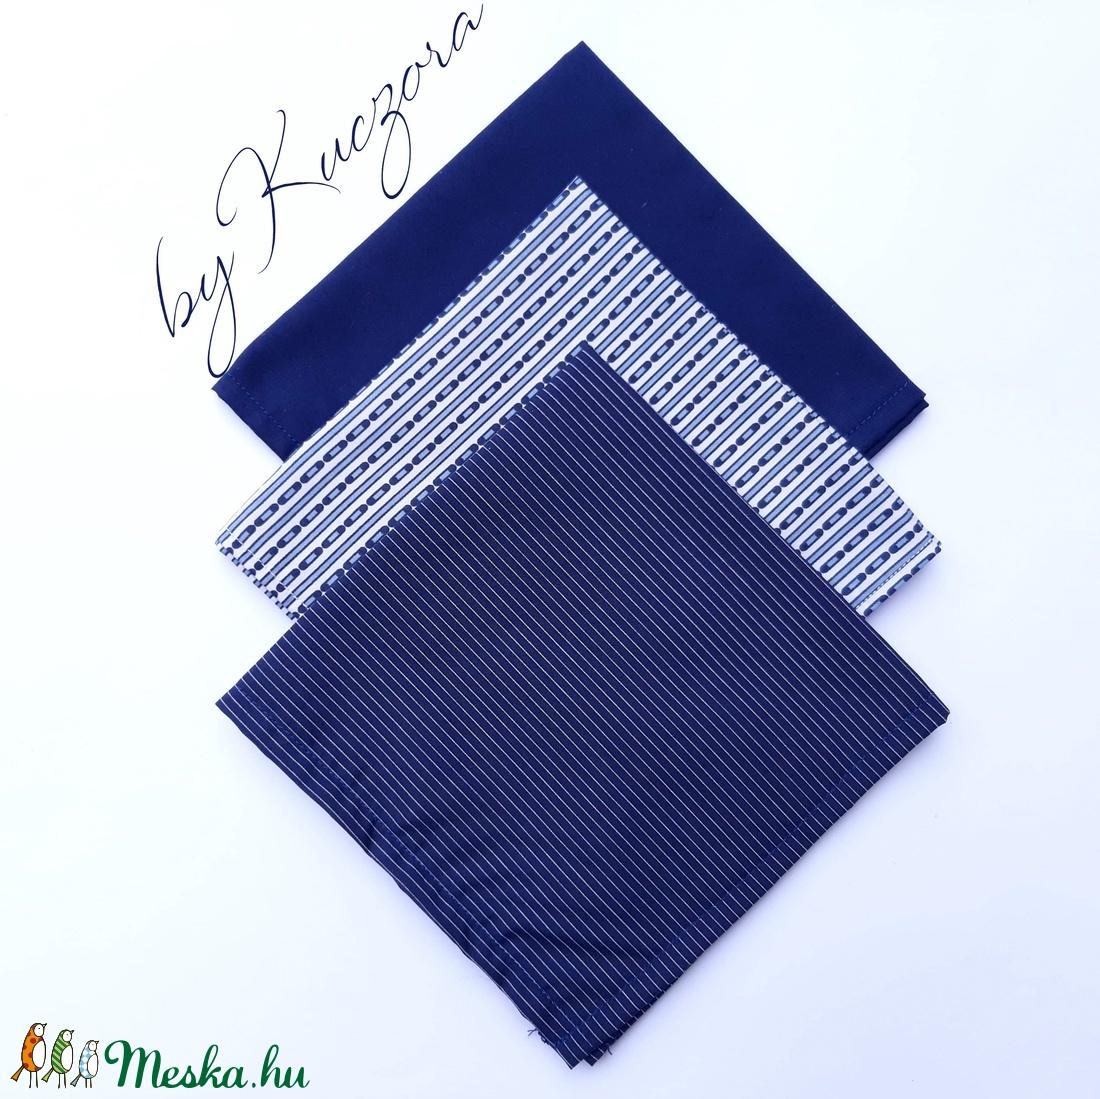 Textil zsebkendő szett, öko zsebkendő szett -Kék csíkos (byKuczora) - Meska.hu